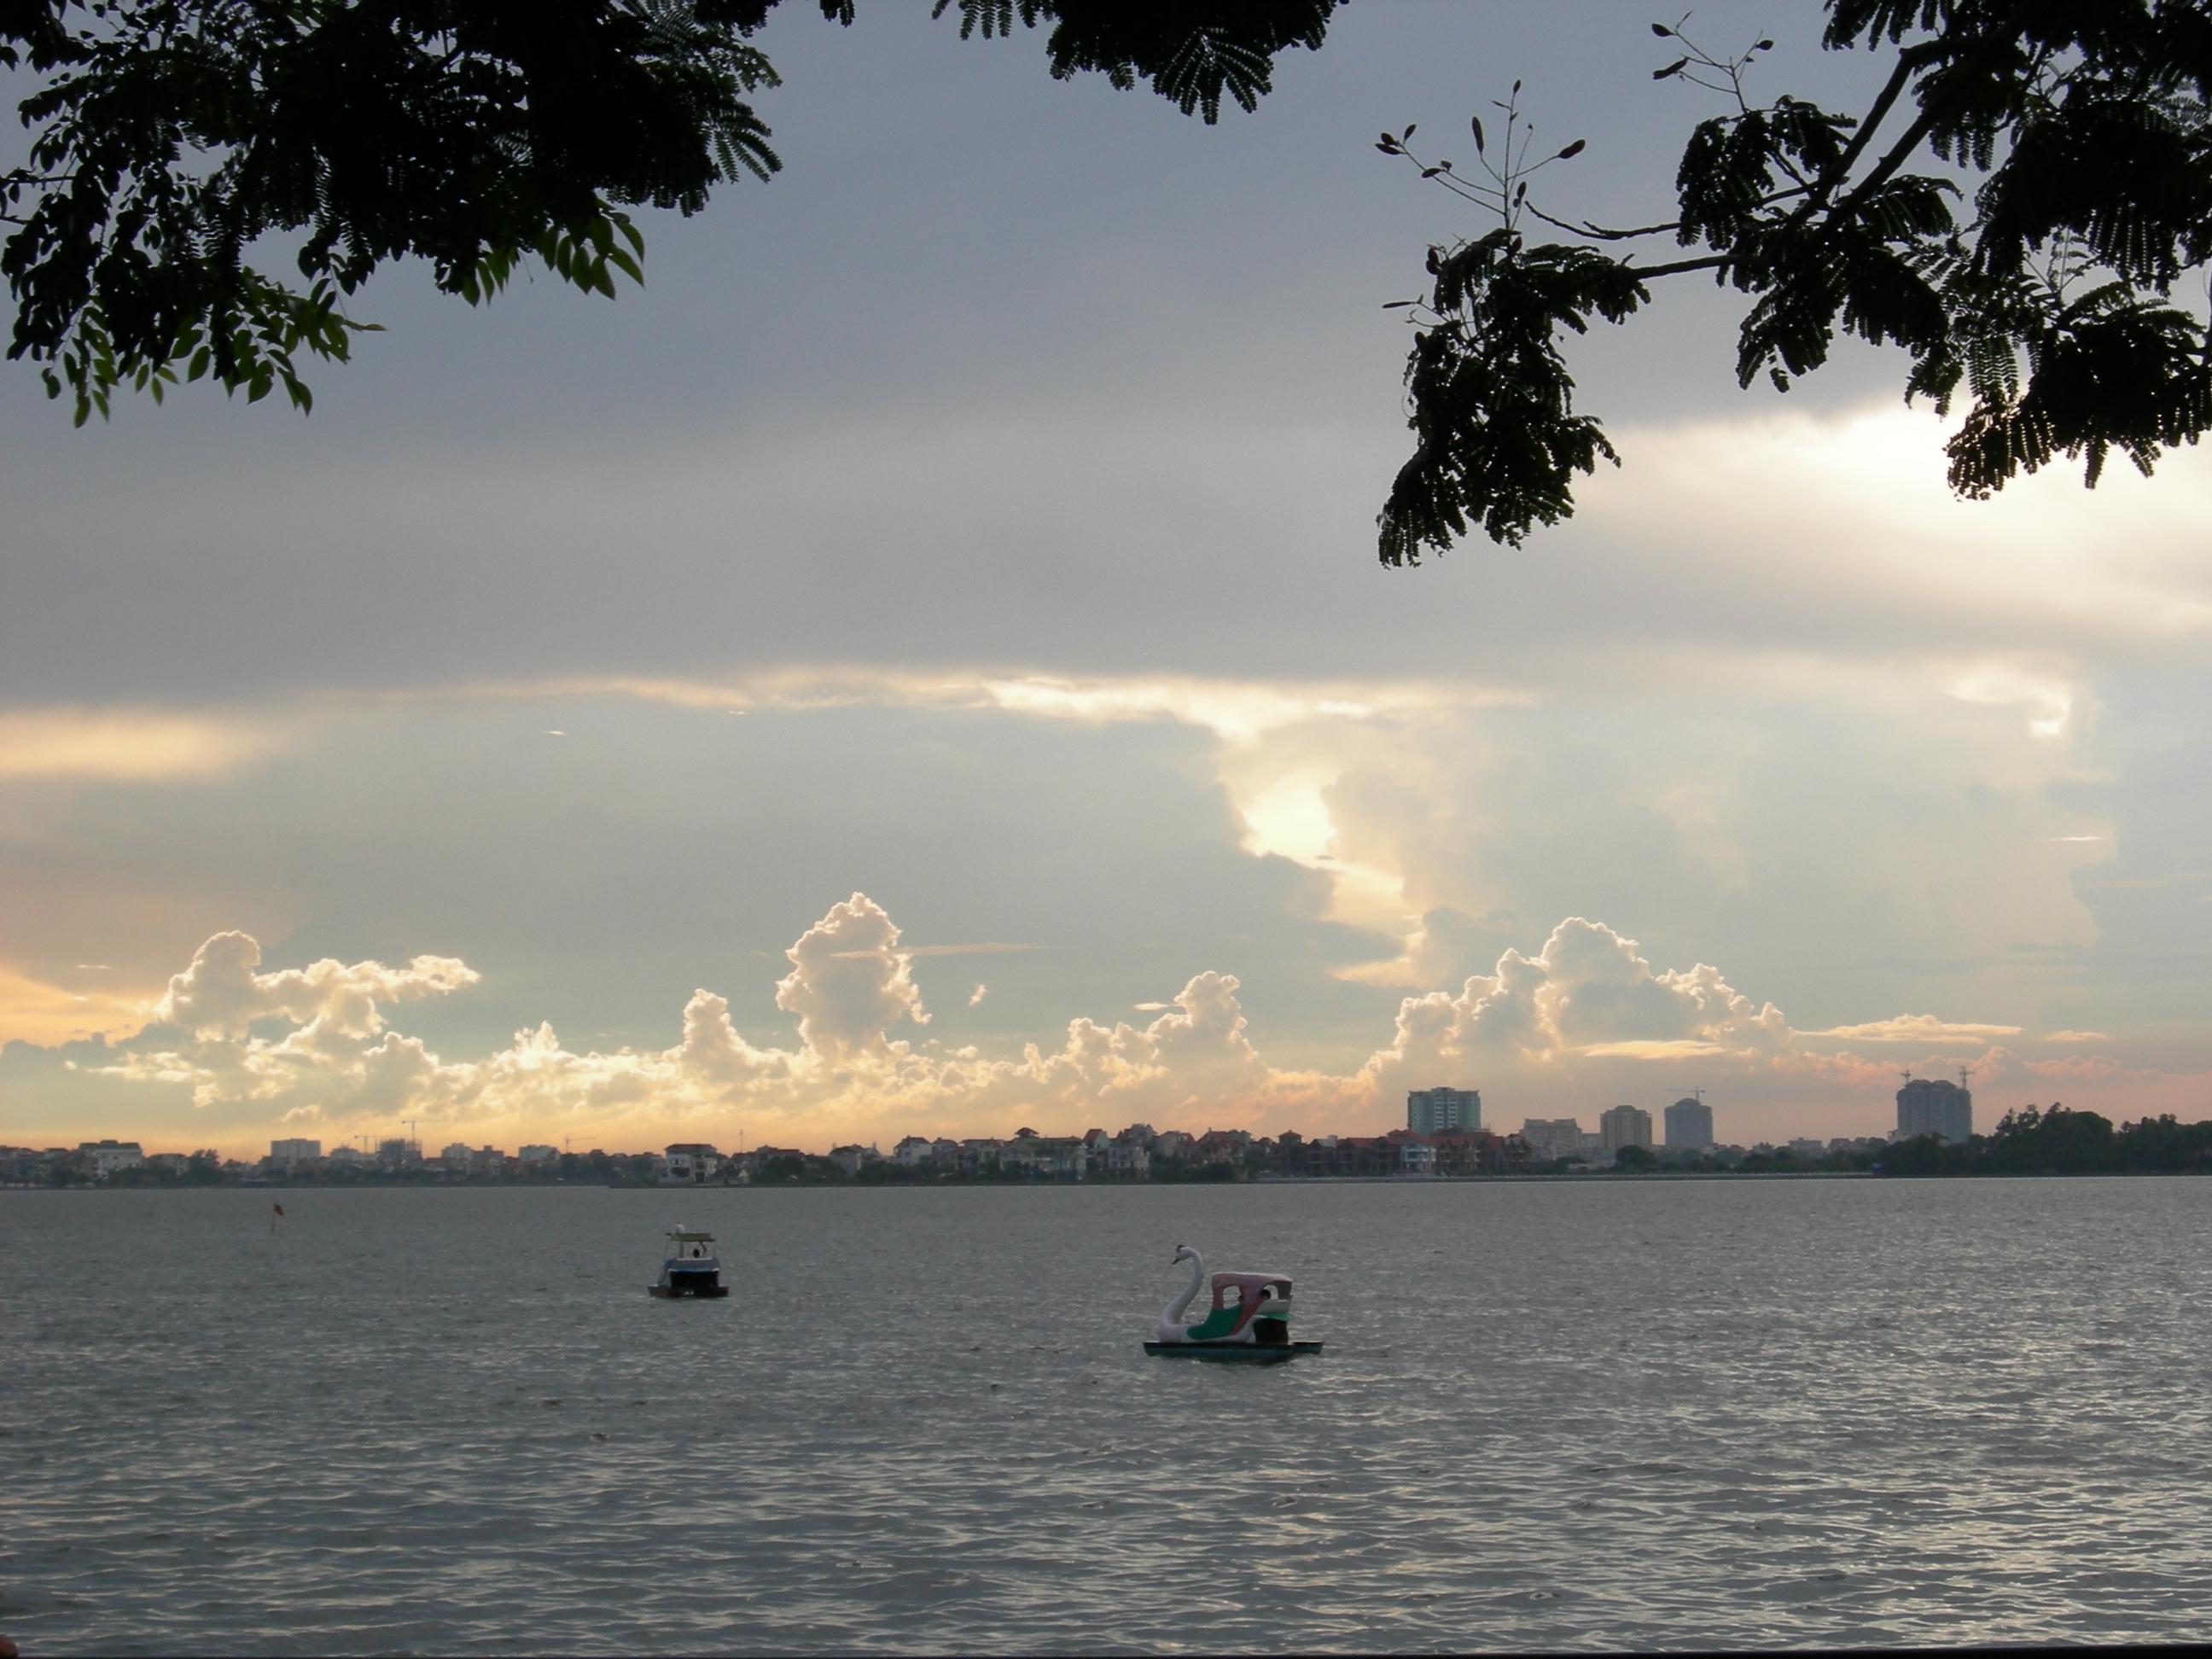 Hình ảnh Hồ Tây đẹp